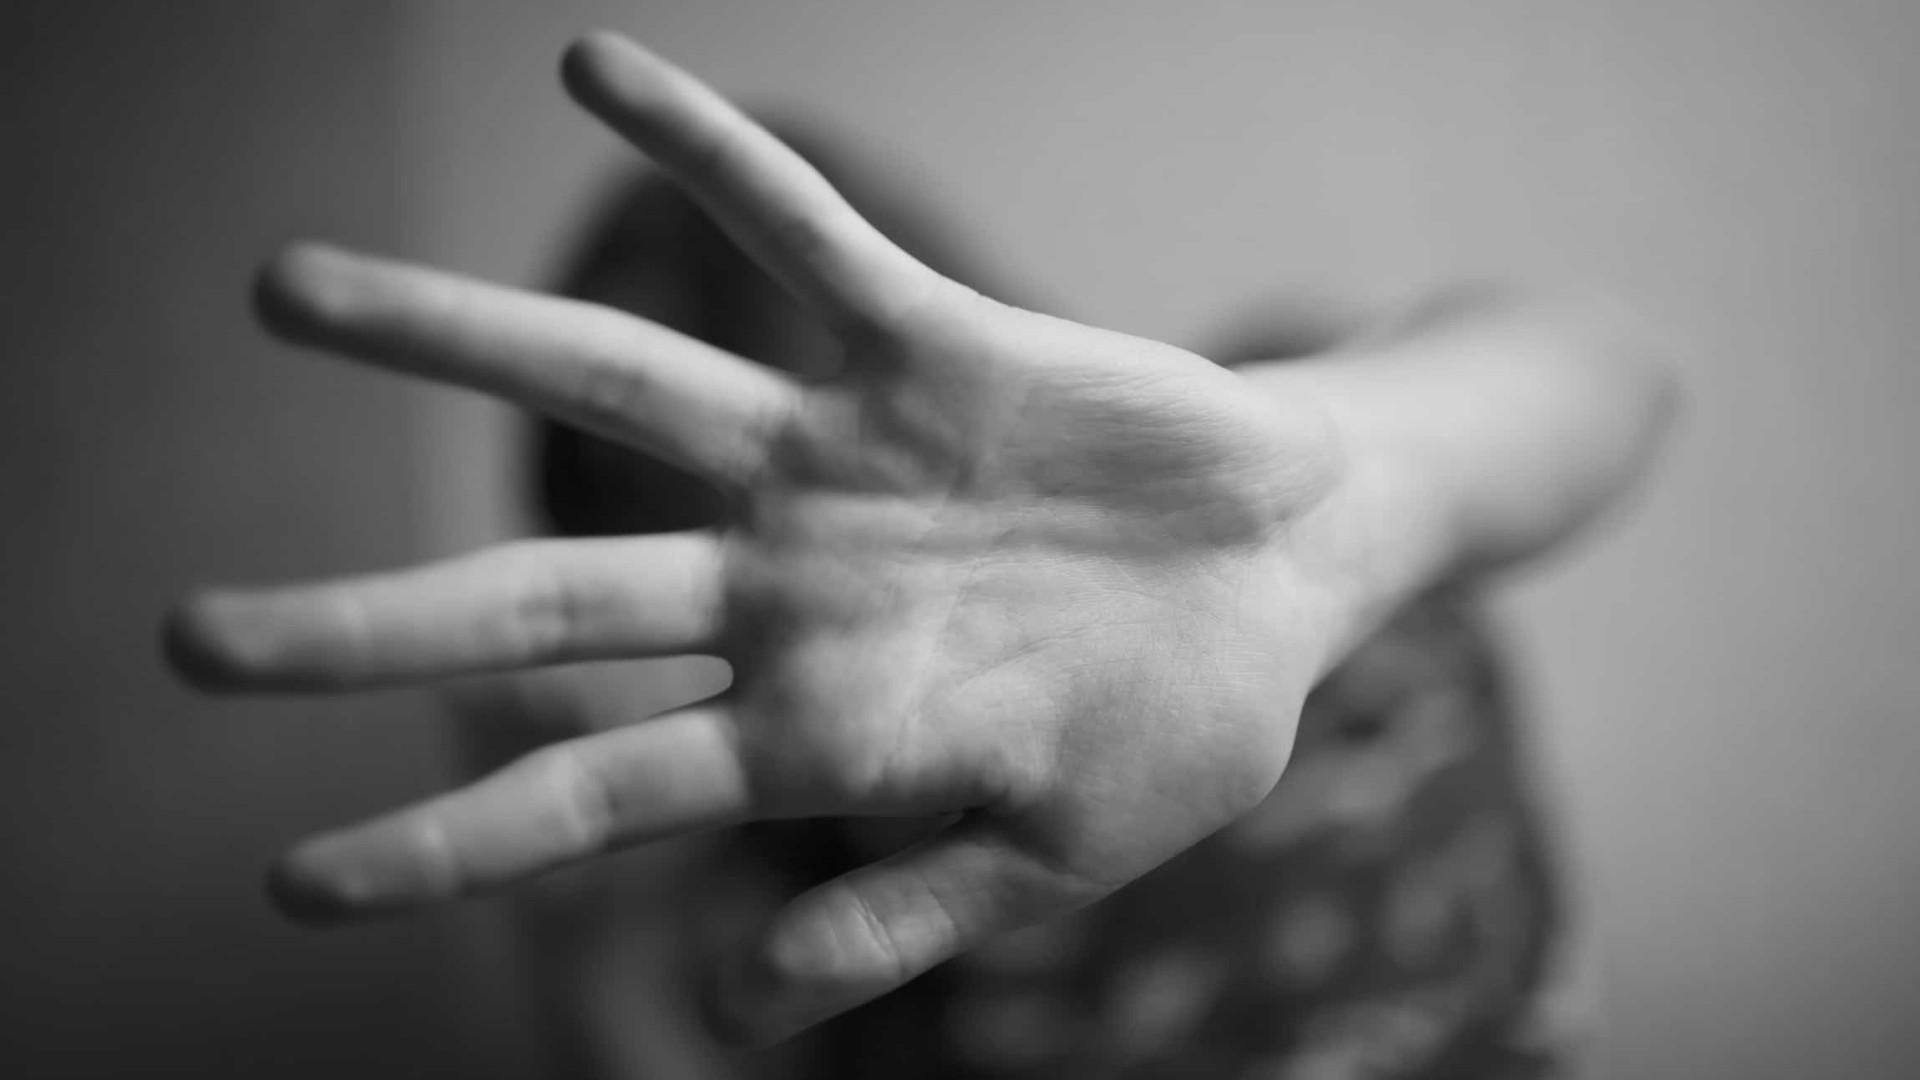 Alemanha inicia mega processo contra 30 mil suspeitos de pedofilia